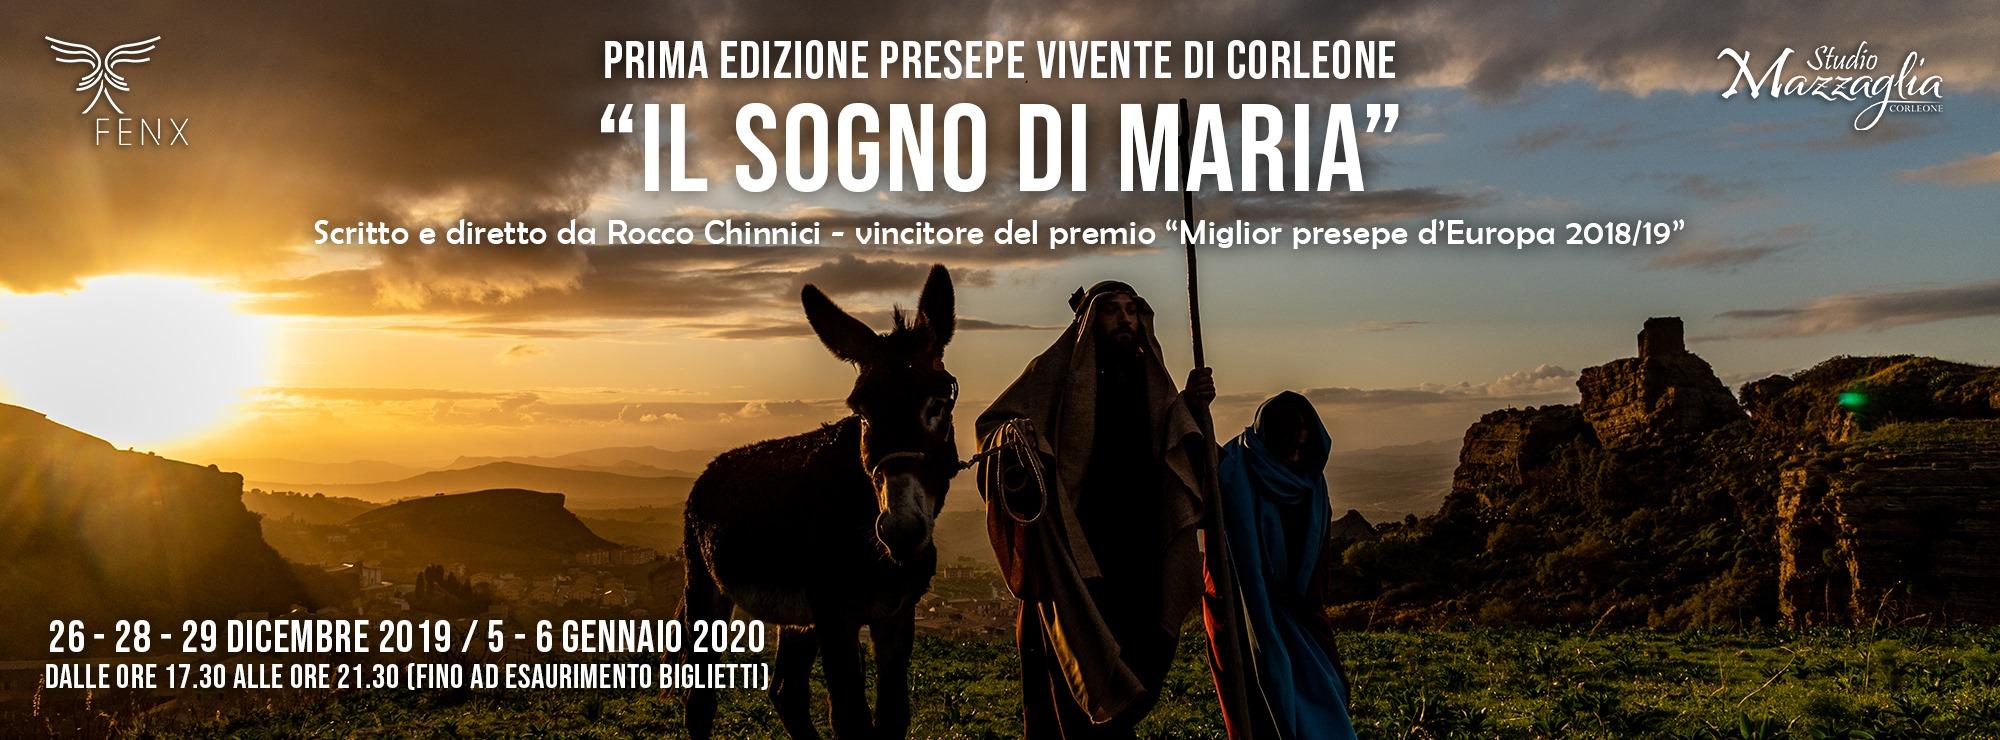 IL SOGNO DI MARIA – Corleone